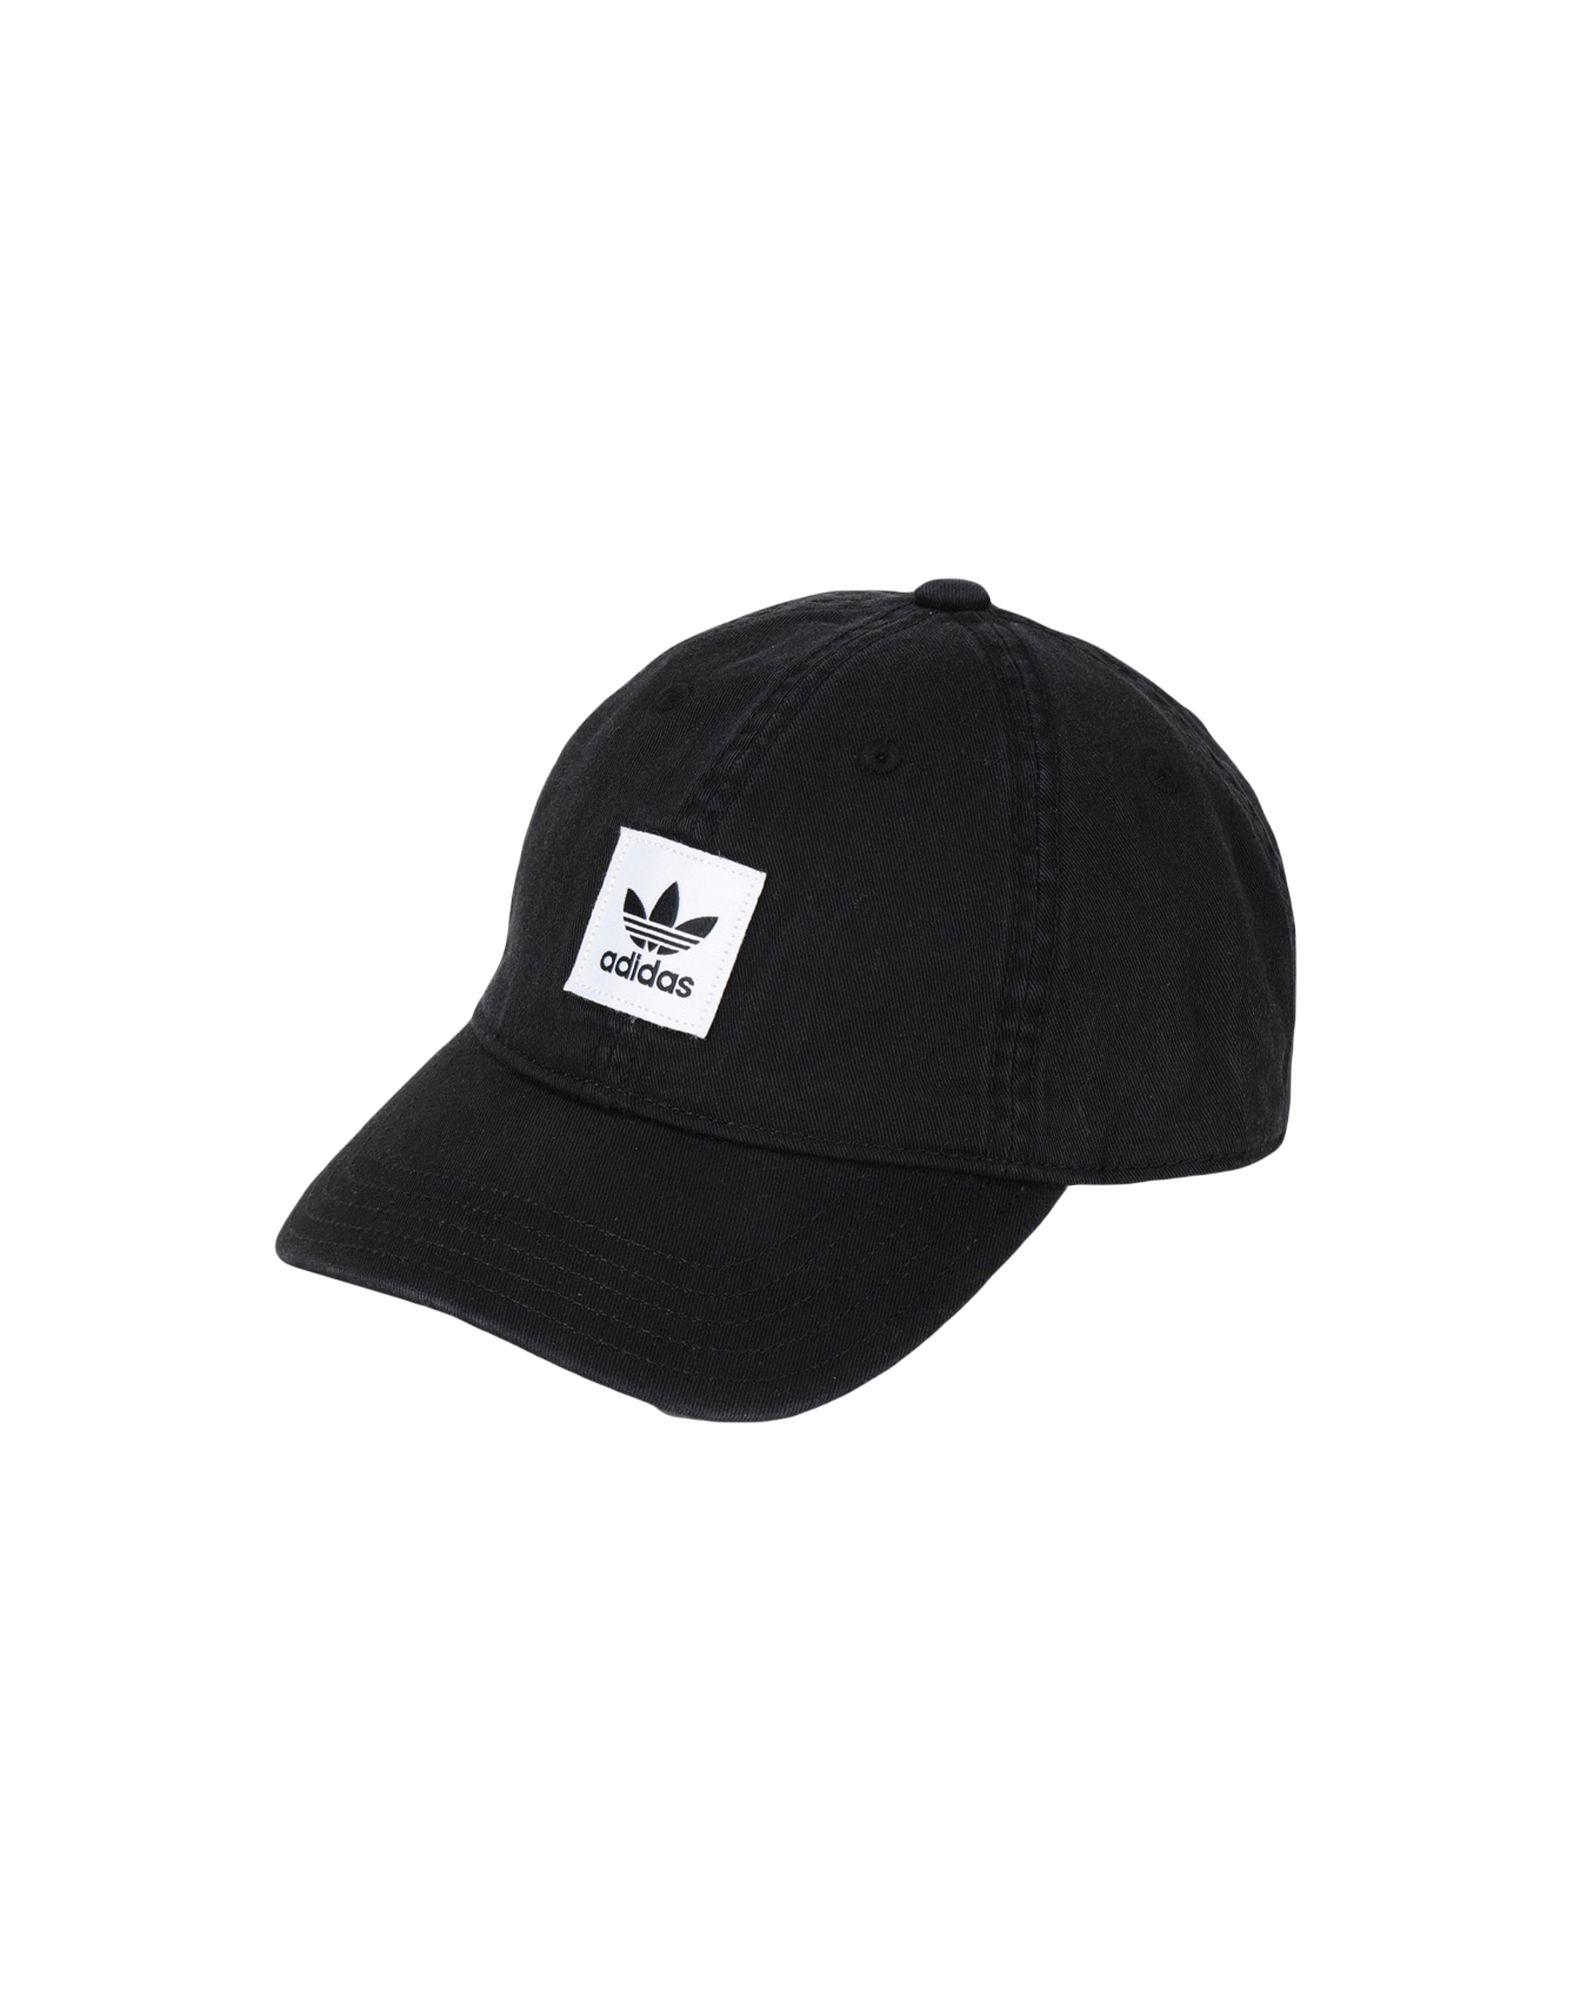 《セール開催中》ADIDAS ORIGINALS Unisex 帽子 ブラック one size コットン 100% WASHED-DAD-CAP